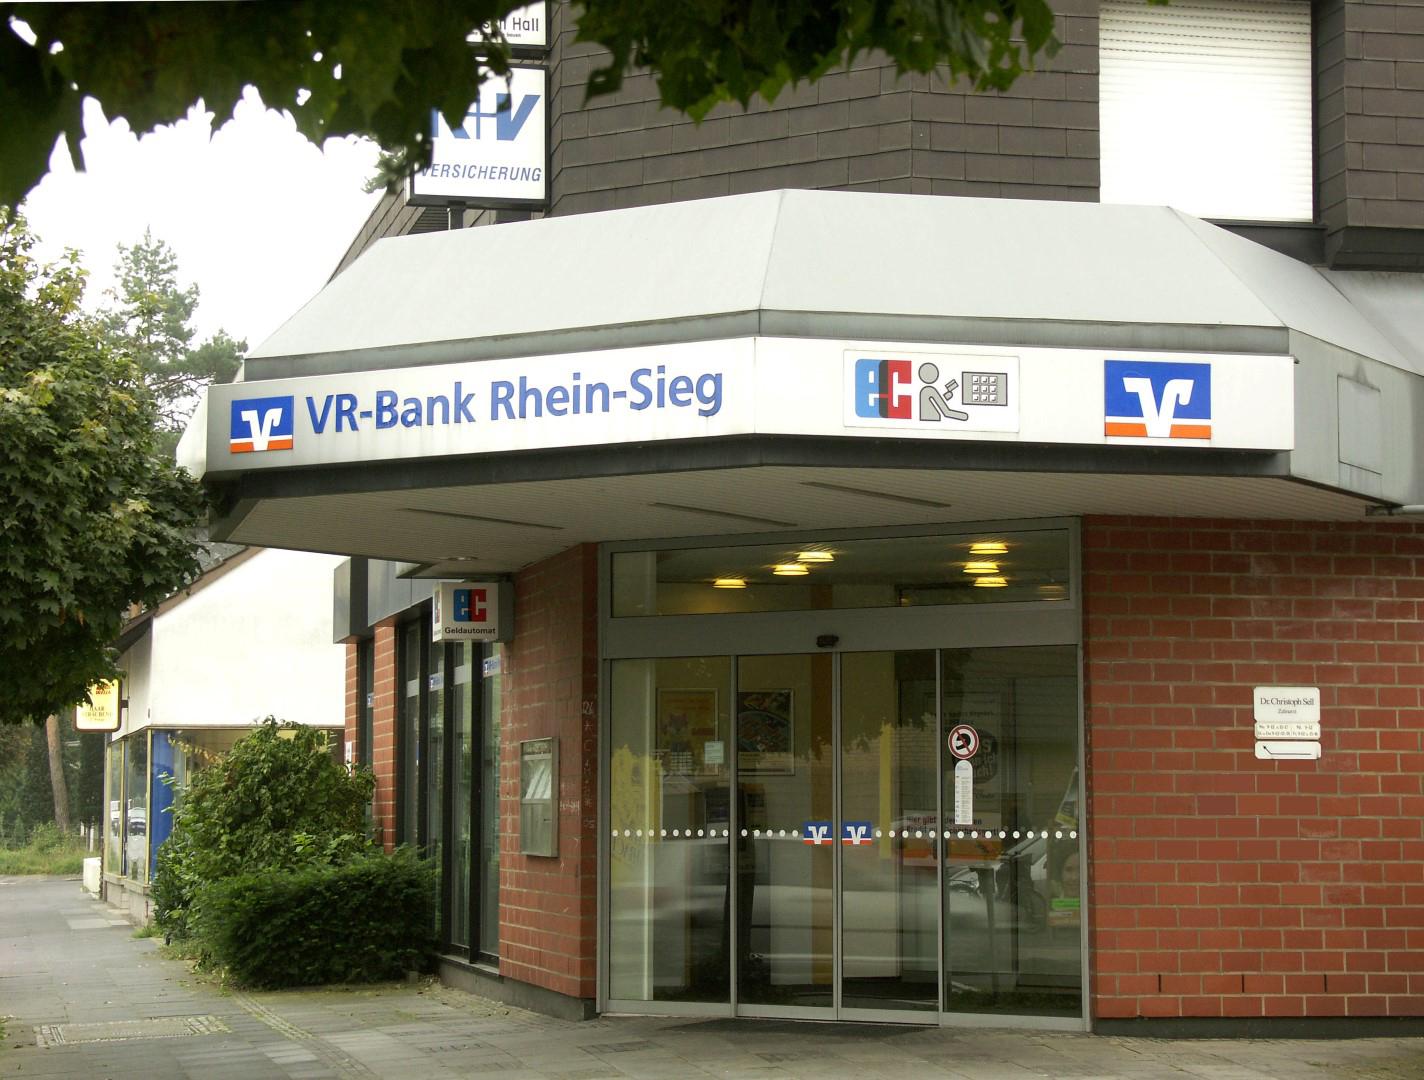 Das Bild zeigt die Filiale der VR-Bank Rhein-Sieg eG in der Kaldauer Straße